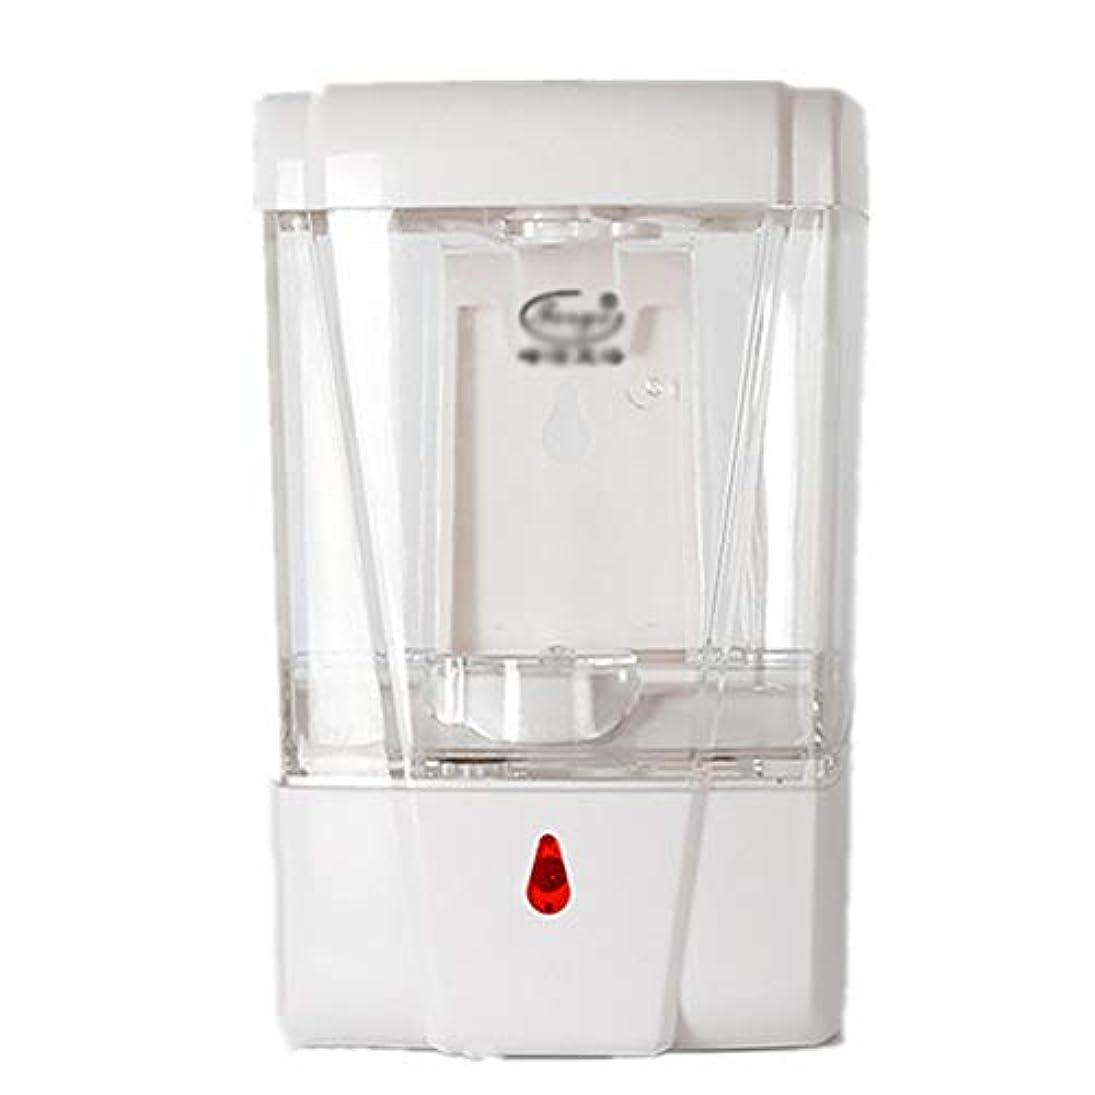 組前述の気性ソープディスペンサー 700mlの容量自動ソープディスペンサー非接触自動誘導バッテリ駆動ハンズフリーソープディスペンサー ハンドソープ 食器用洗剤 キッチン 洗面所などに適用 (Color : White, Size : One size-Drops)